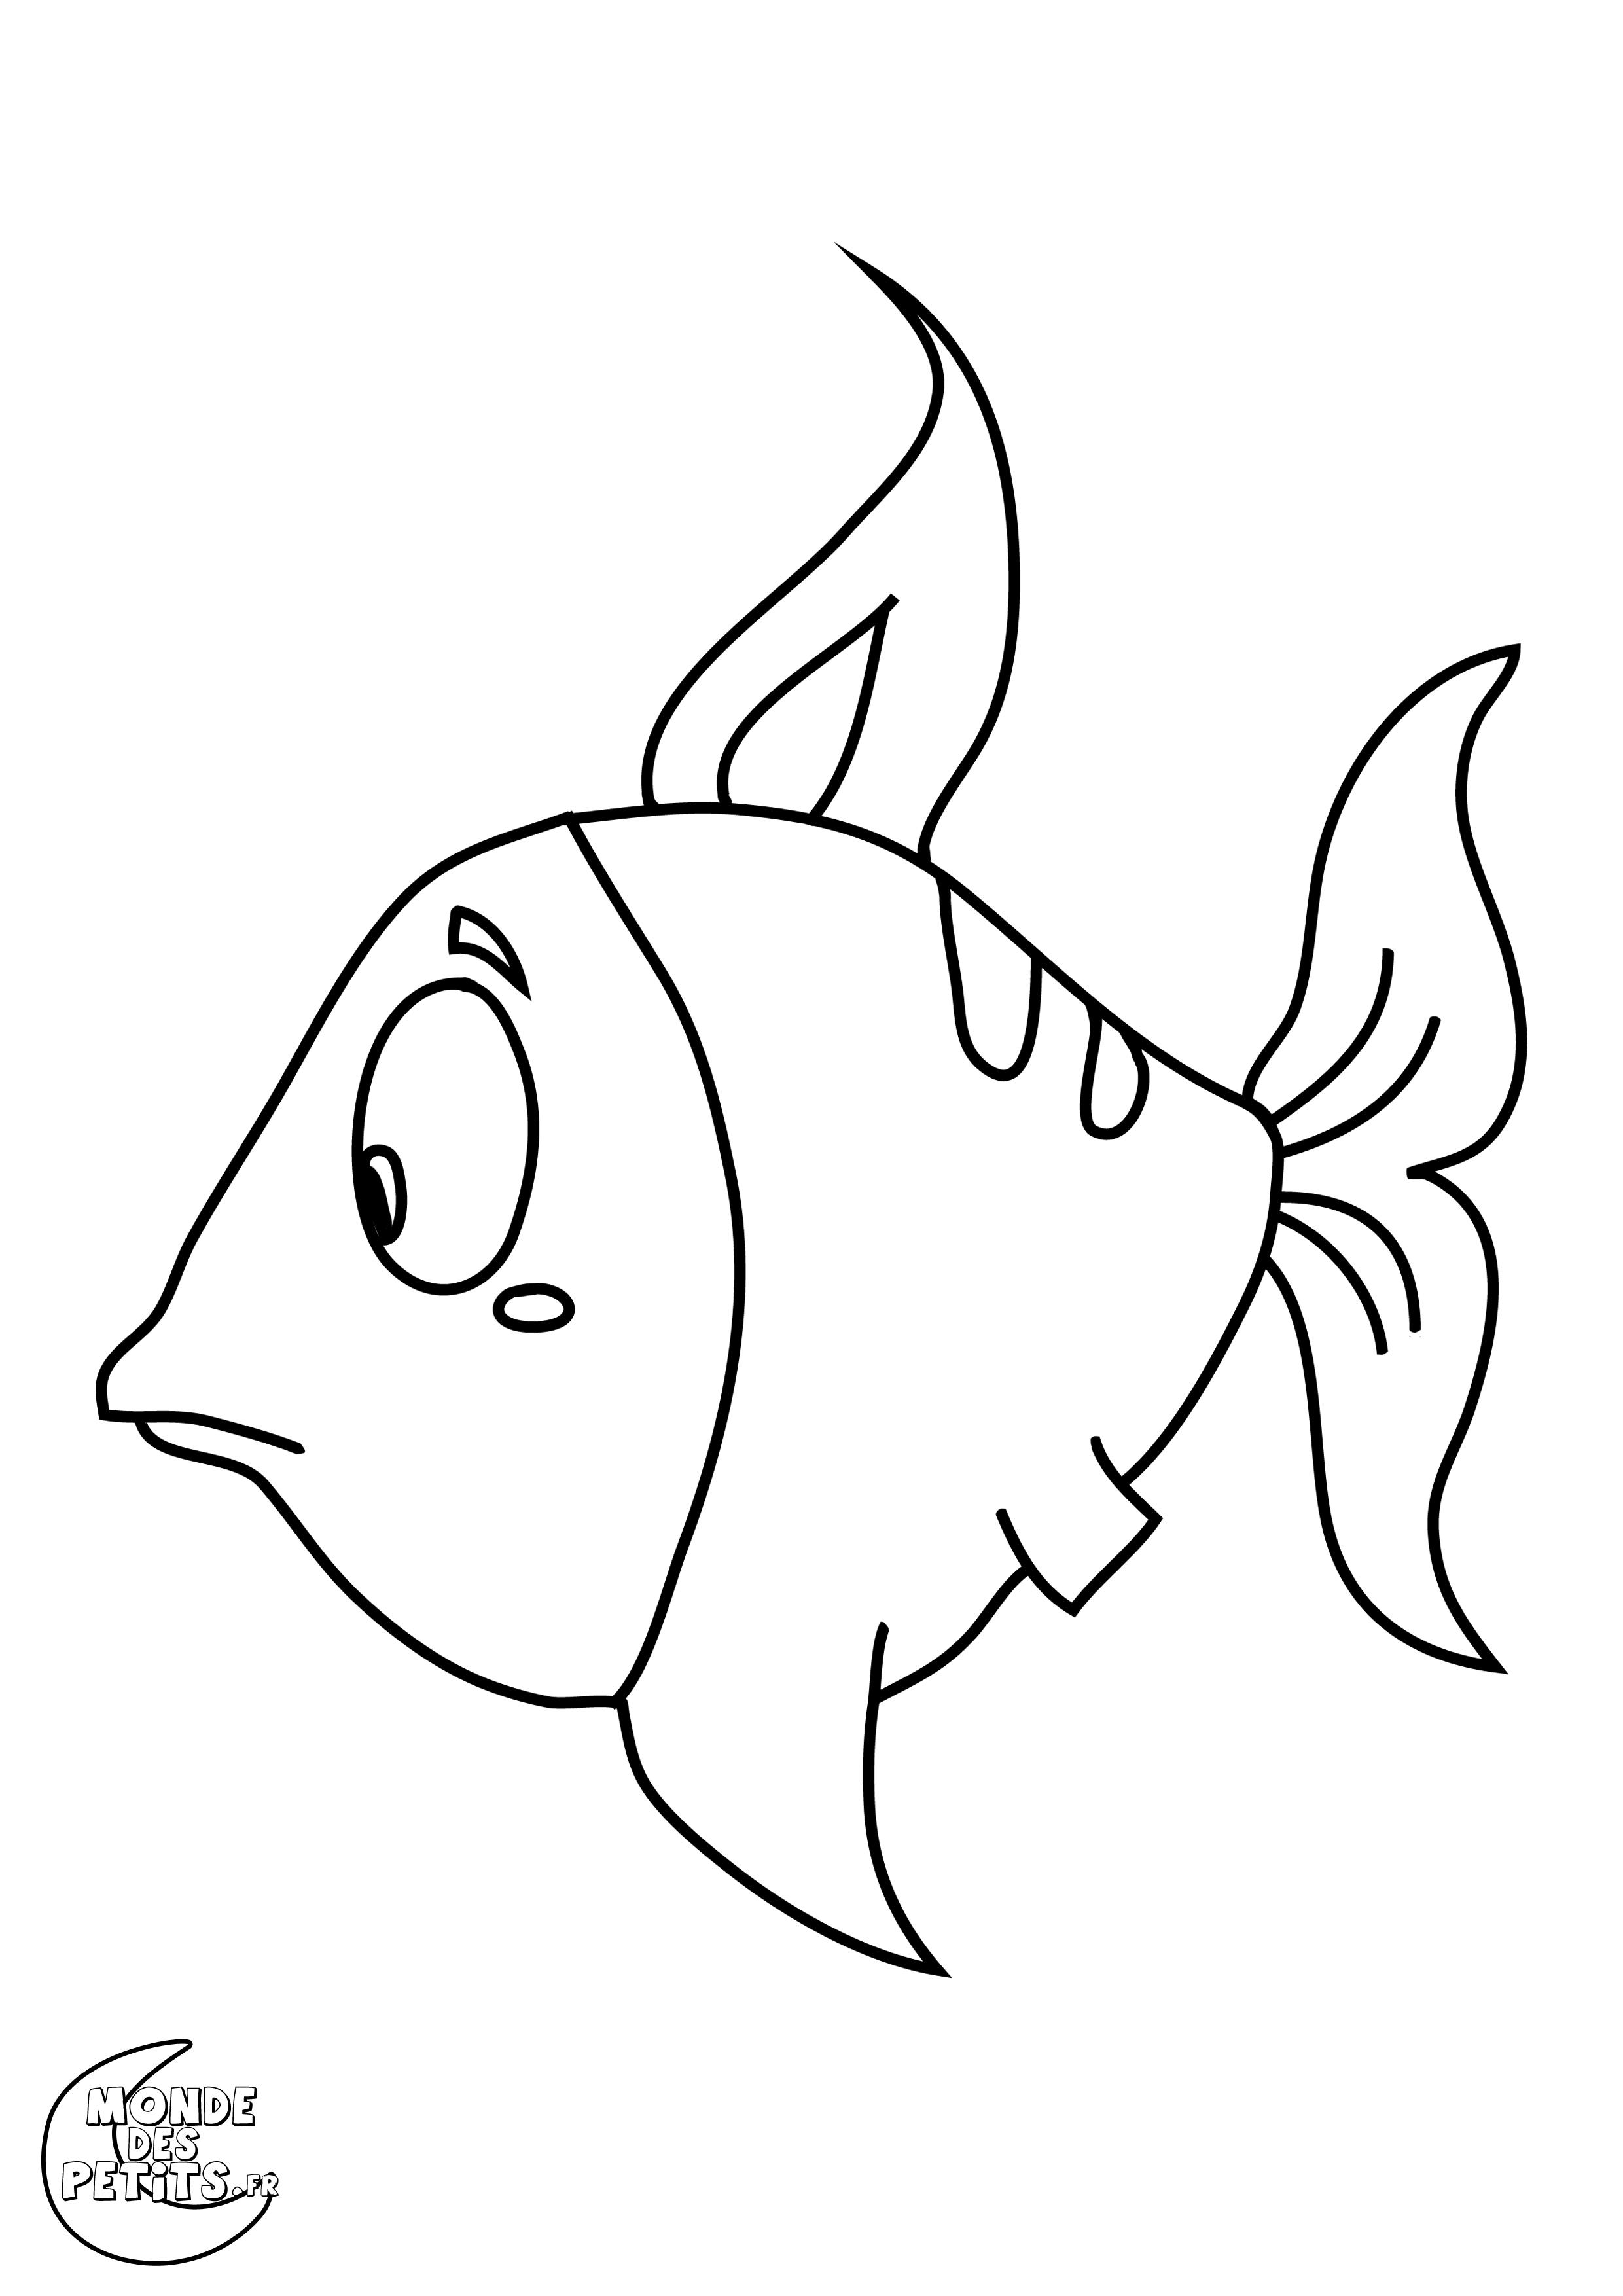 Monde des petits coloriages imprimer - Dessin poisson ...